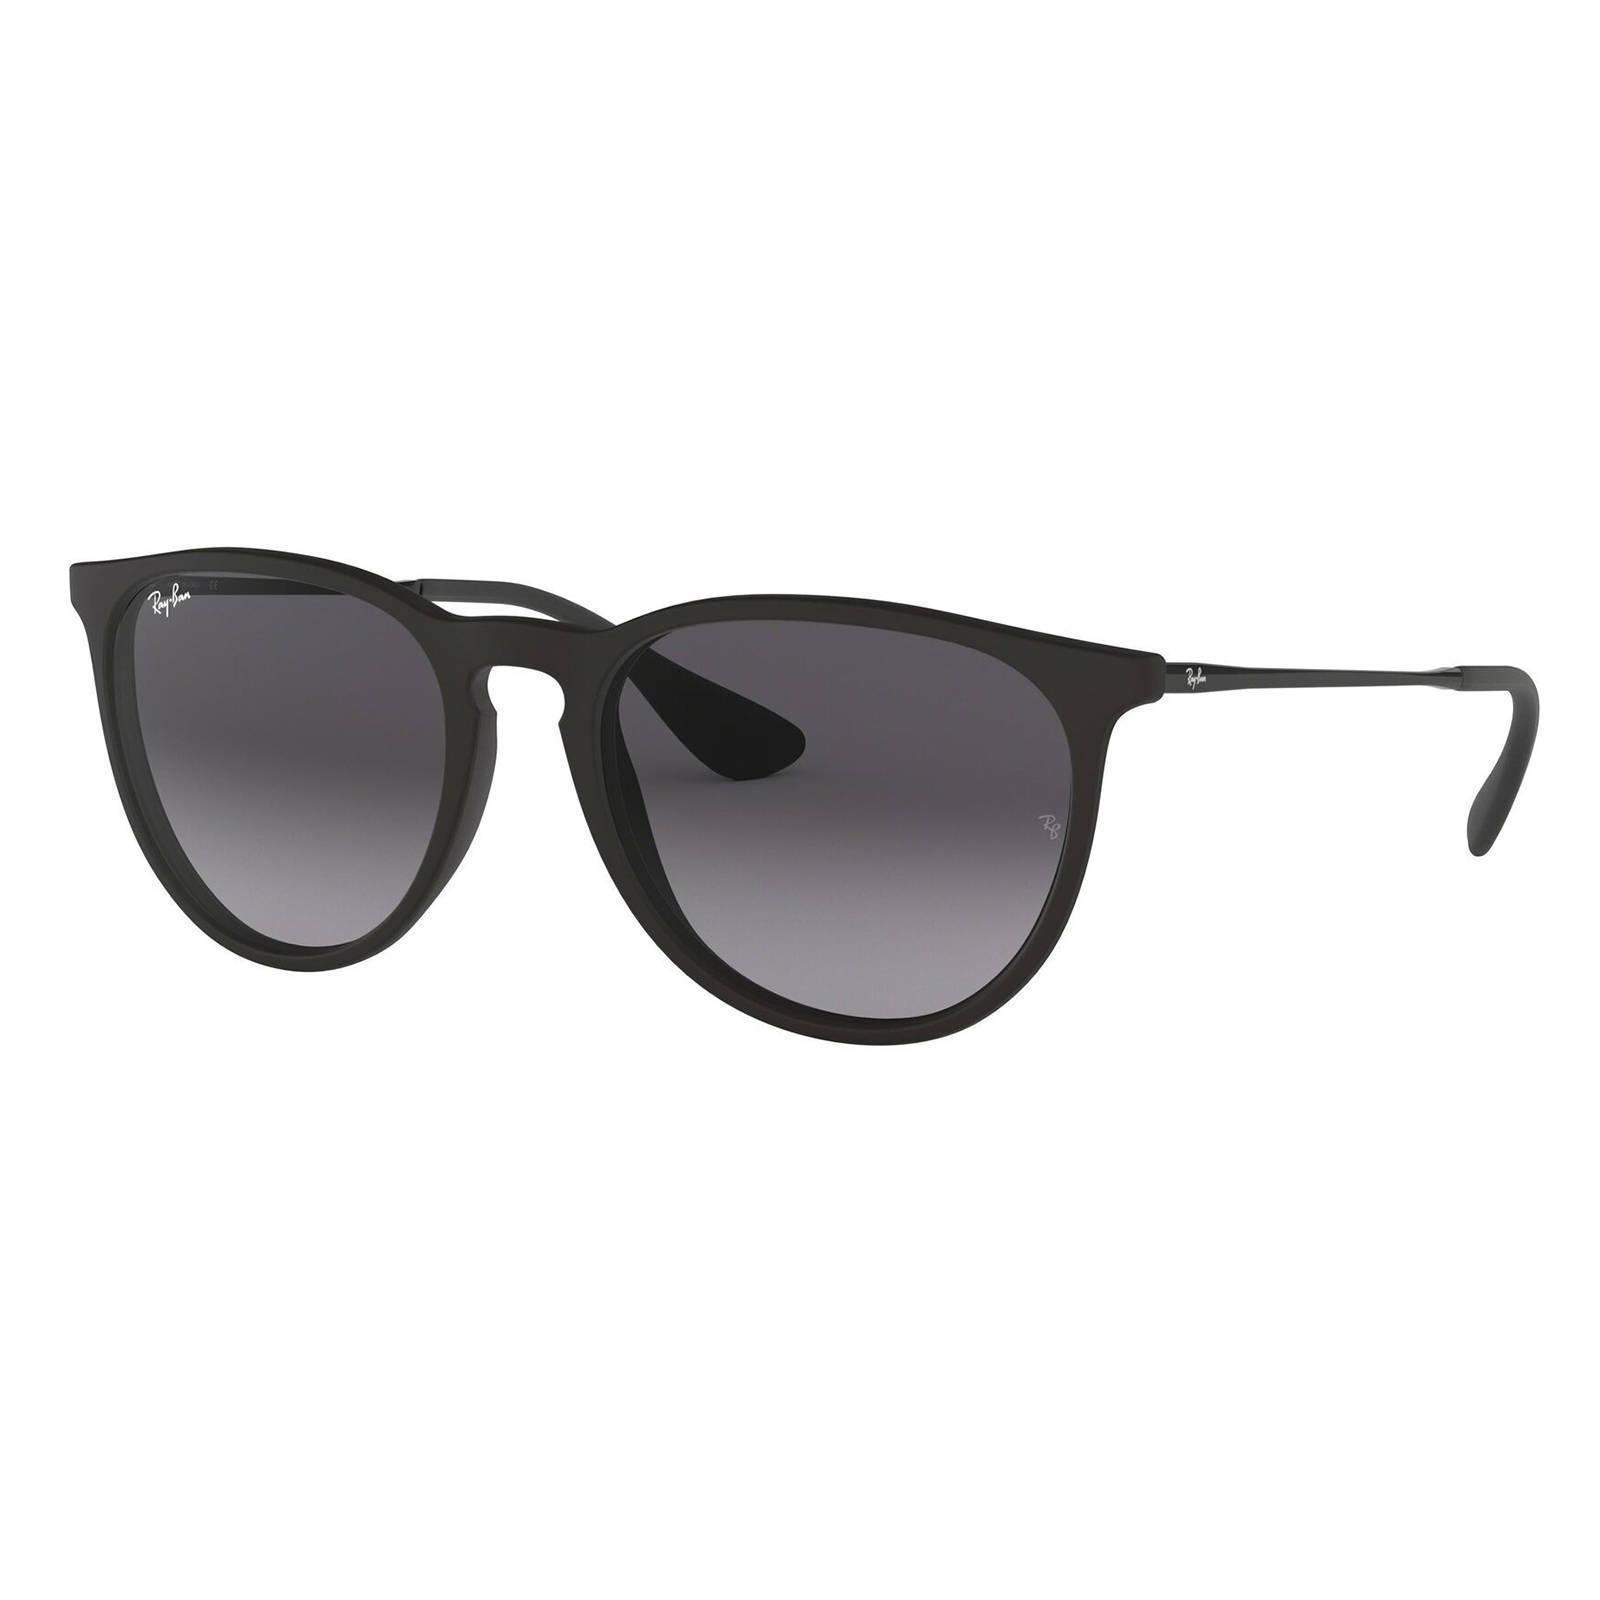 46594edd069805 Dames zonnebrillen bij wehkamp - Gratis bezorging vanaf 20.-